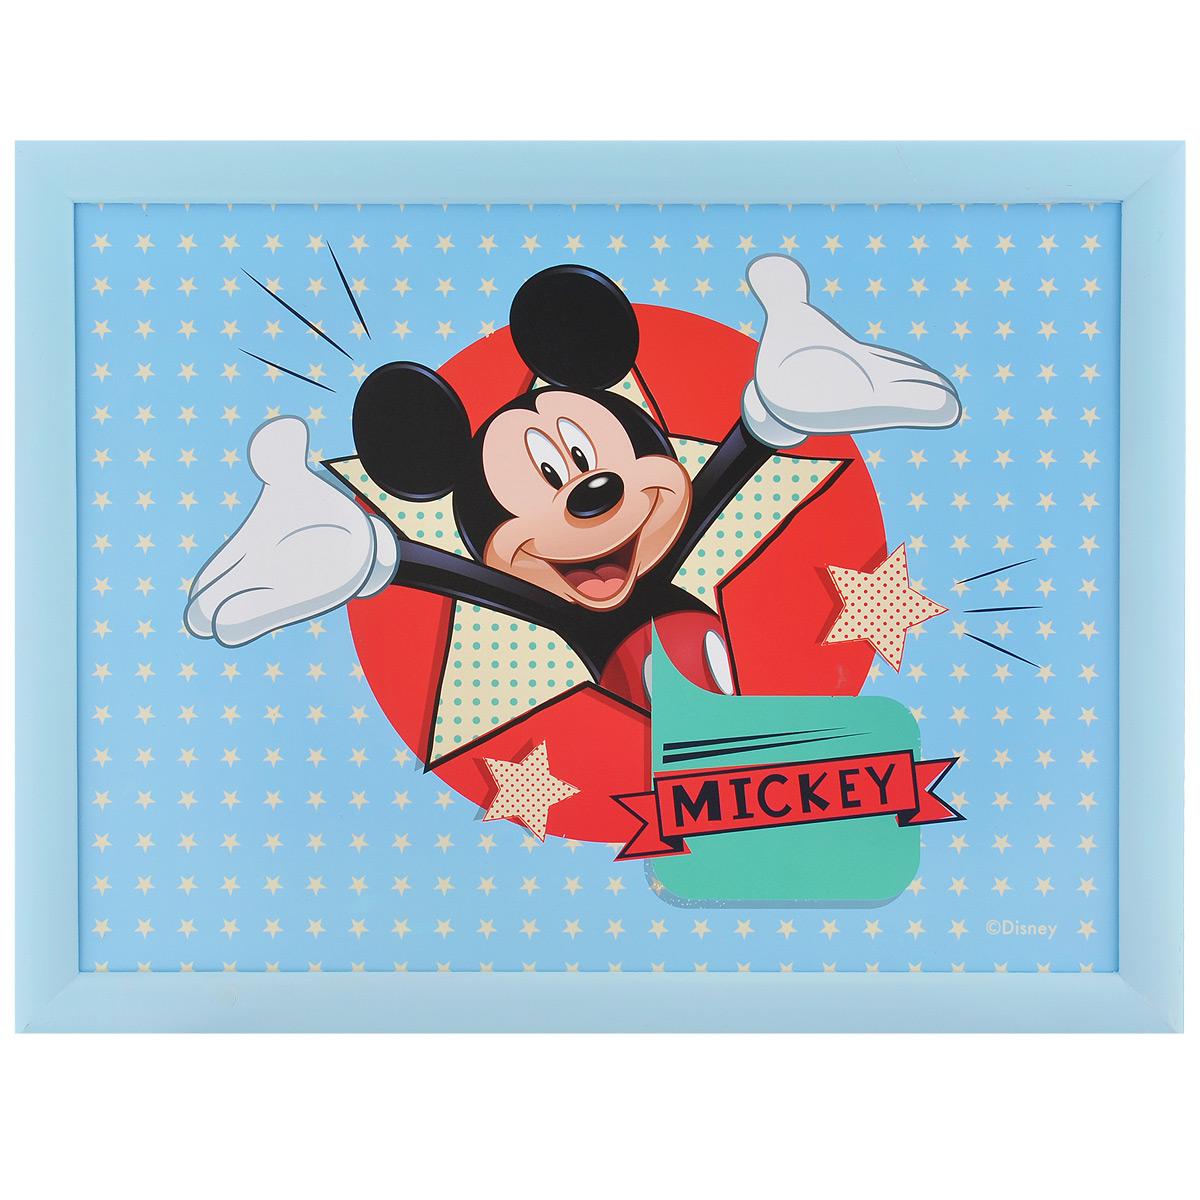 Столик-поднос Disney Микки, с подушкой, 44 х 34 х 8 см. 6124161241голубойСтолик-поднос Disney Микки удобно помещается на коленях. Его можно использовать для рисования, работы с ноутбуком или чтобы перекусить. Столик изготовлен из дерева и имеет мягкое основание в виде подушки, наполненной крупными шариками пенопласта. Яркий дизайн с изображением Микки Мауса несомненно понравится вашему ребенку.